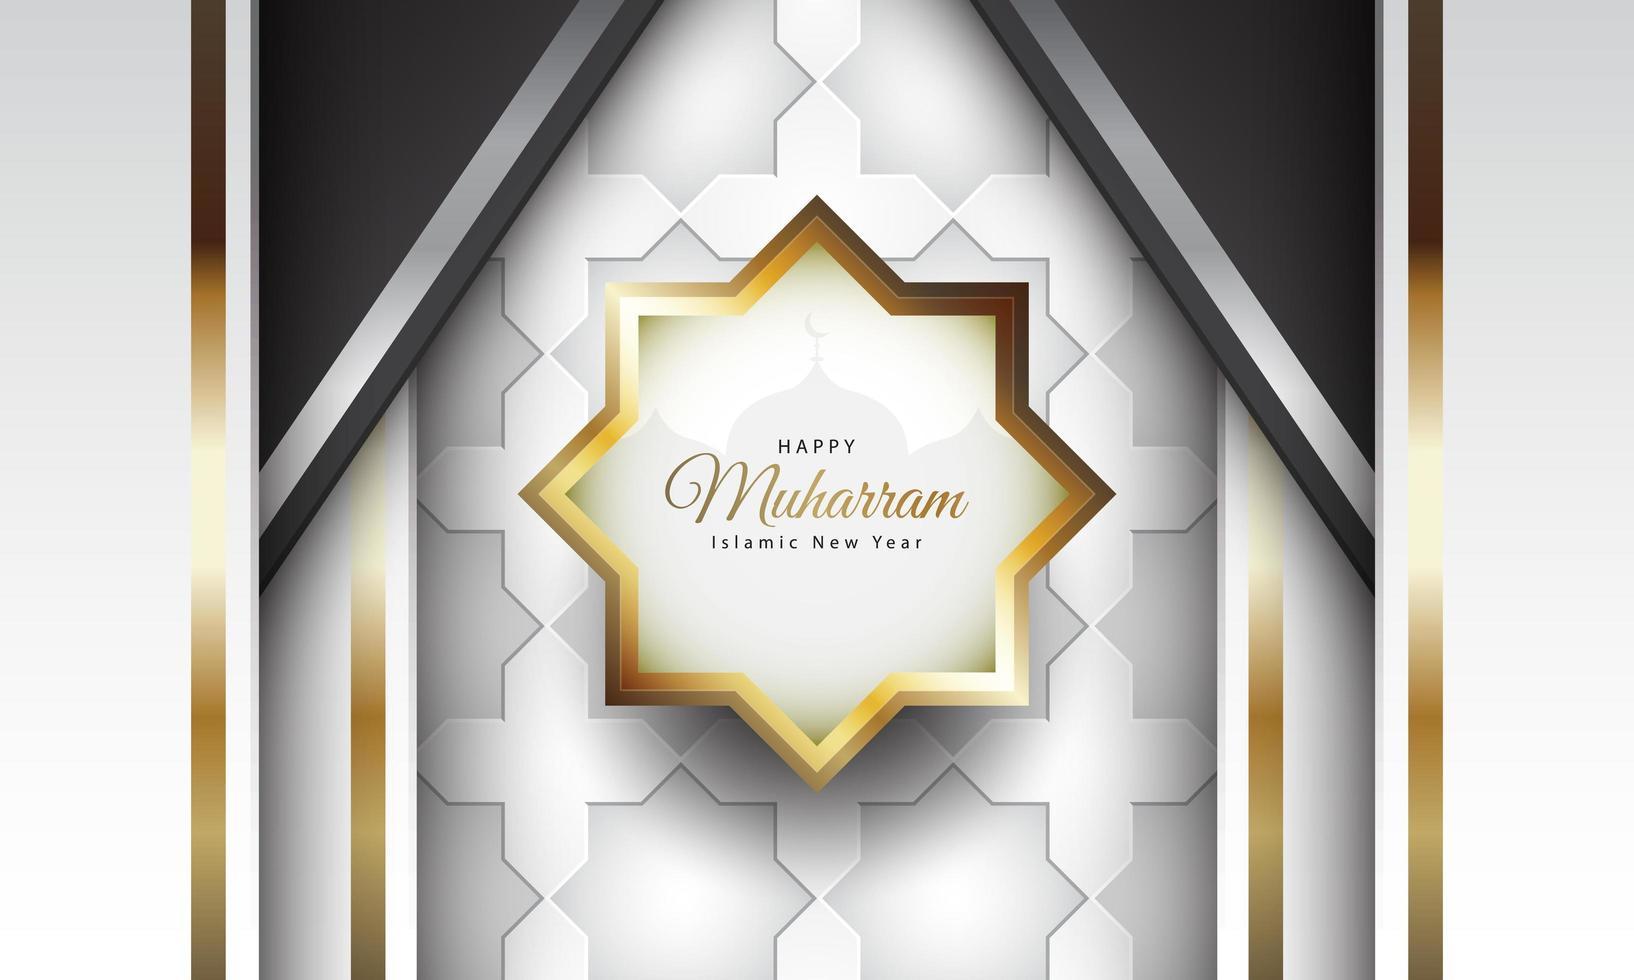 islamisches Neujahrsdesign mit Luxusstil vektor